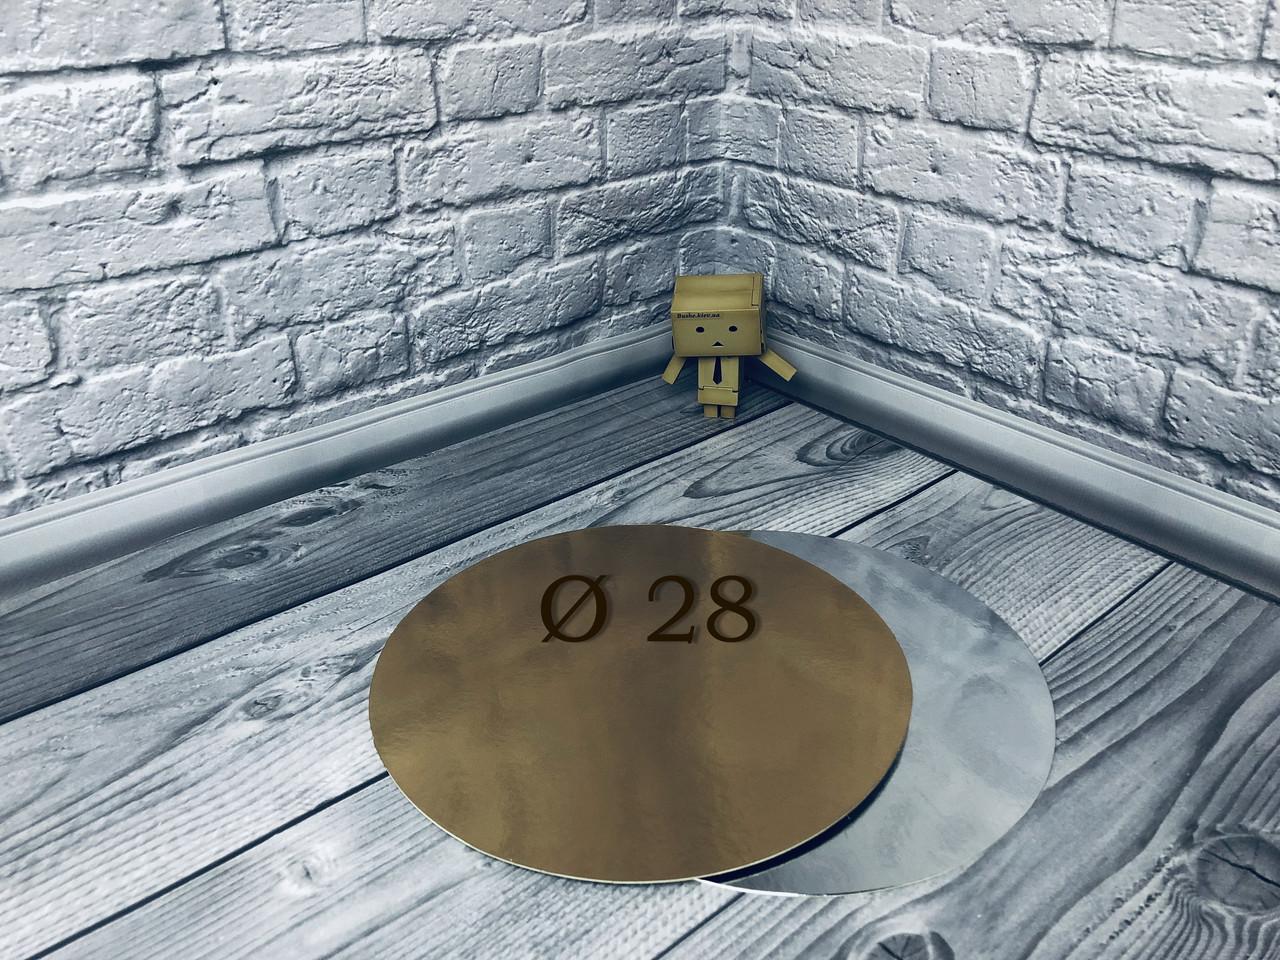 *10 шт* / Подложка под торт 28см, Золото-серебро, 280мм/мин. 10 шт.